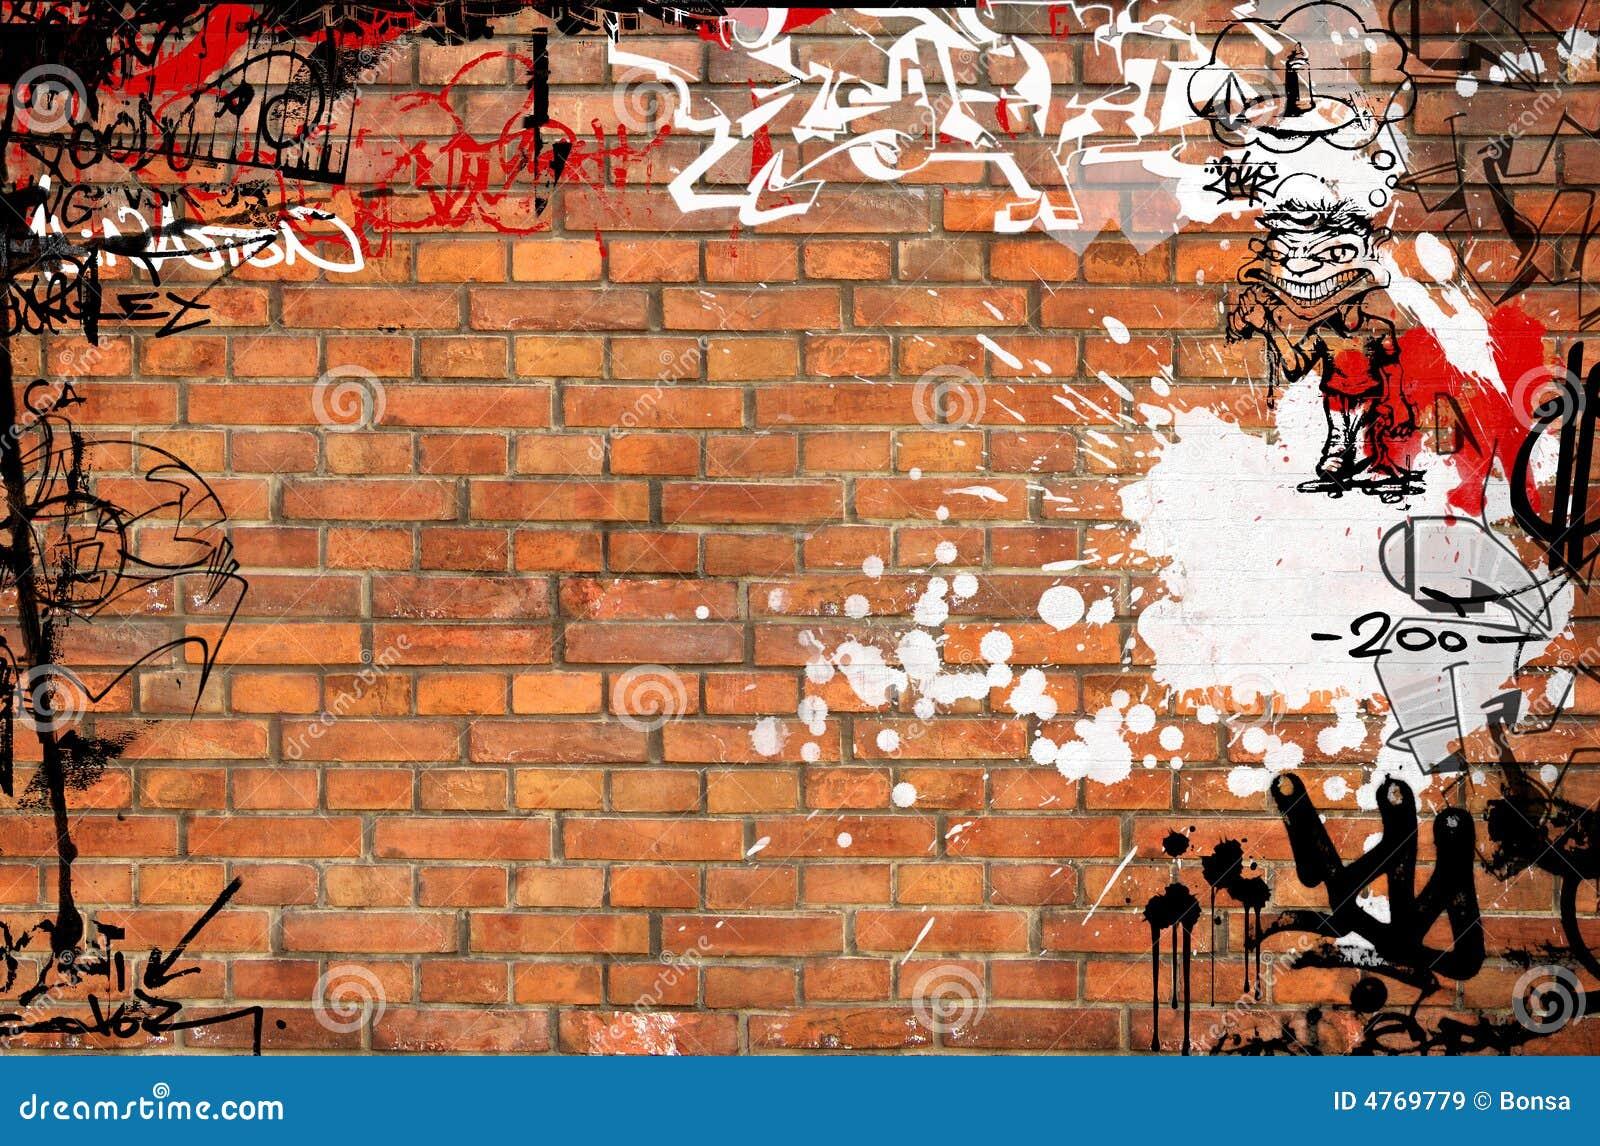 Graffiti-Backsteinmauer